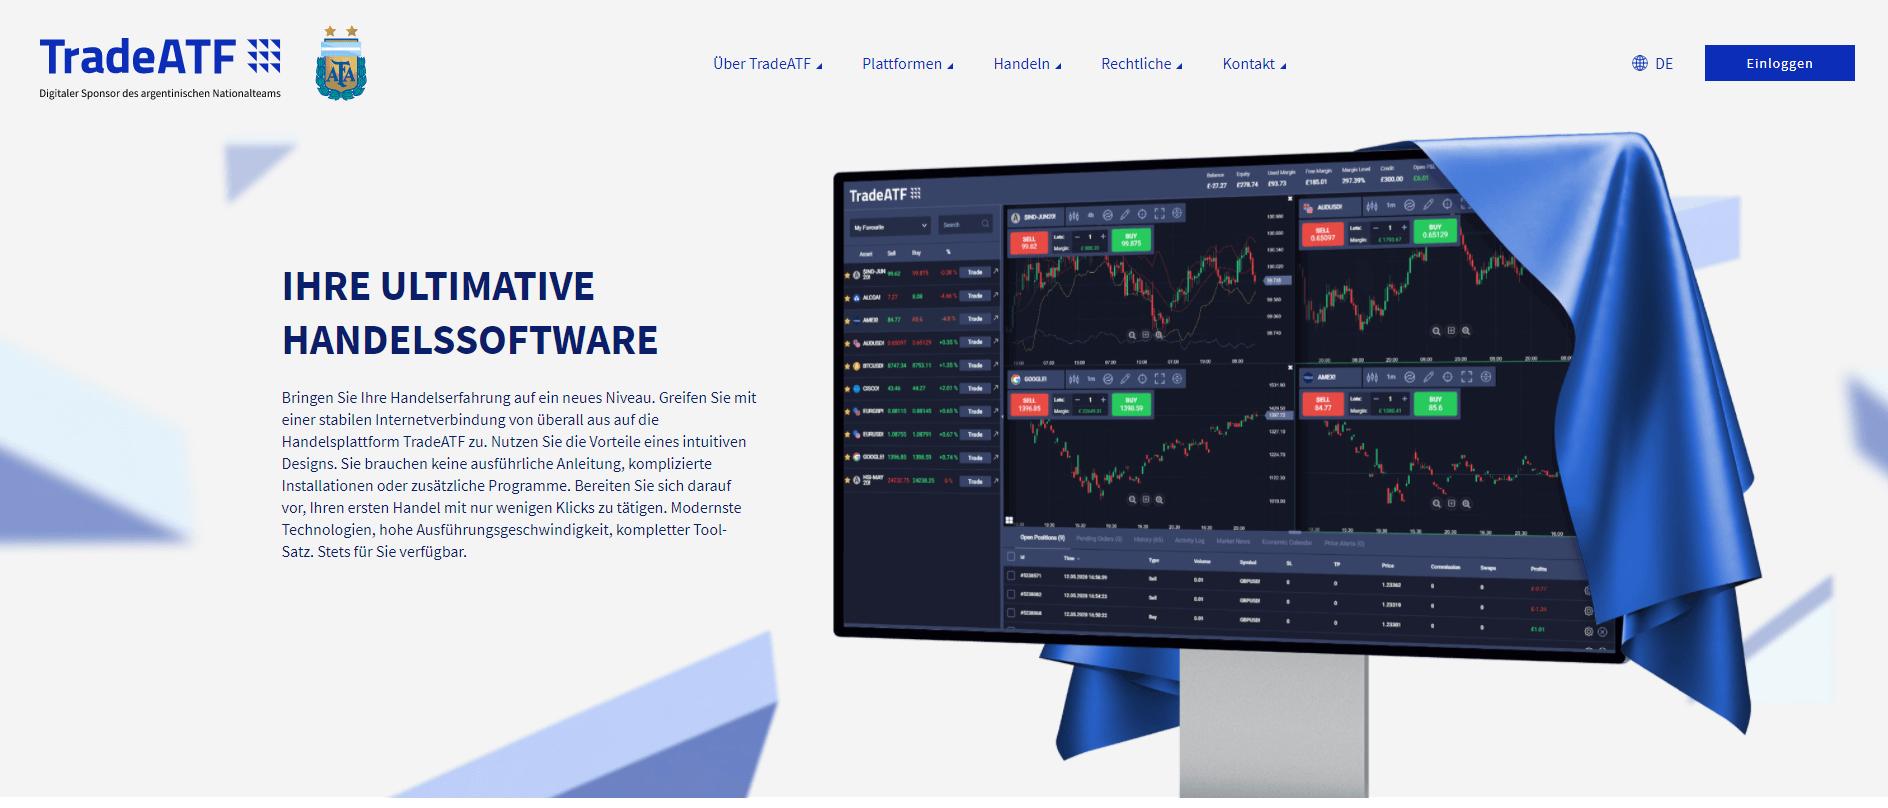 TradeATF-Webtrader